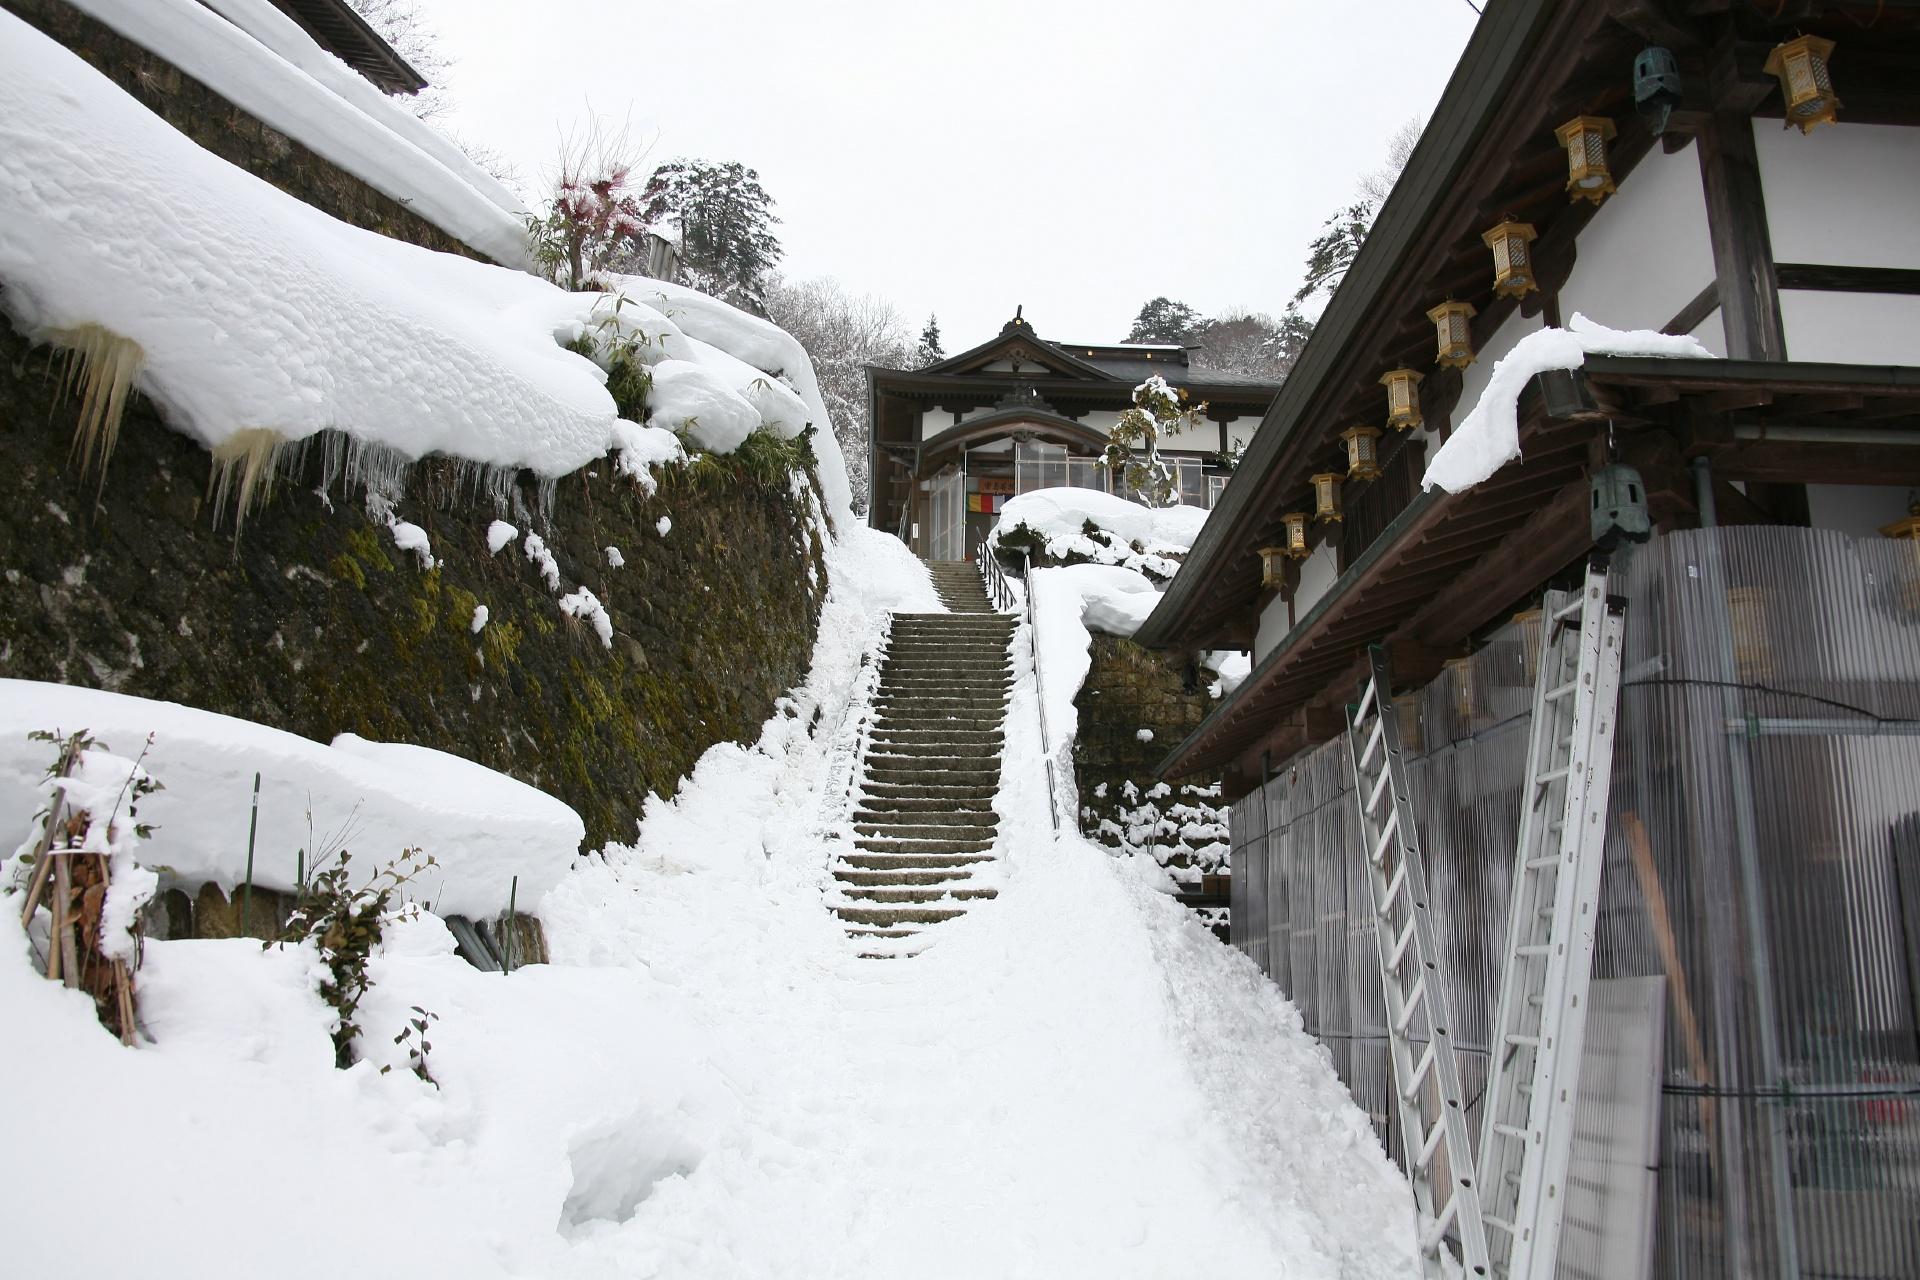 冬の山寺の風景 山形の風景